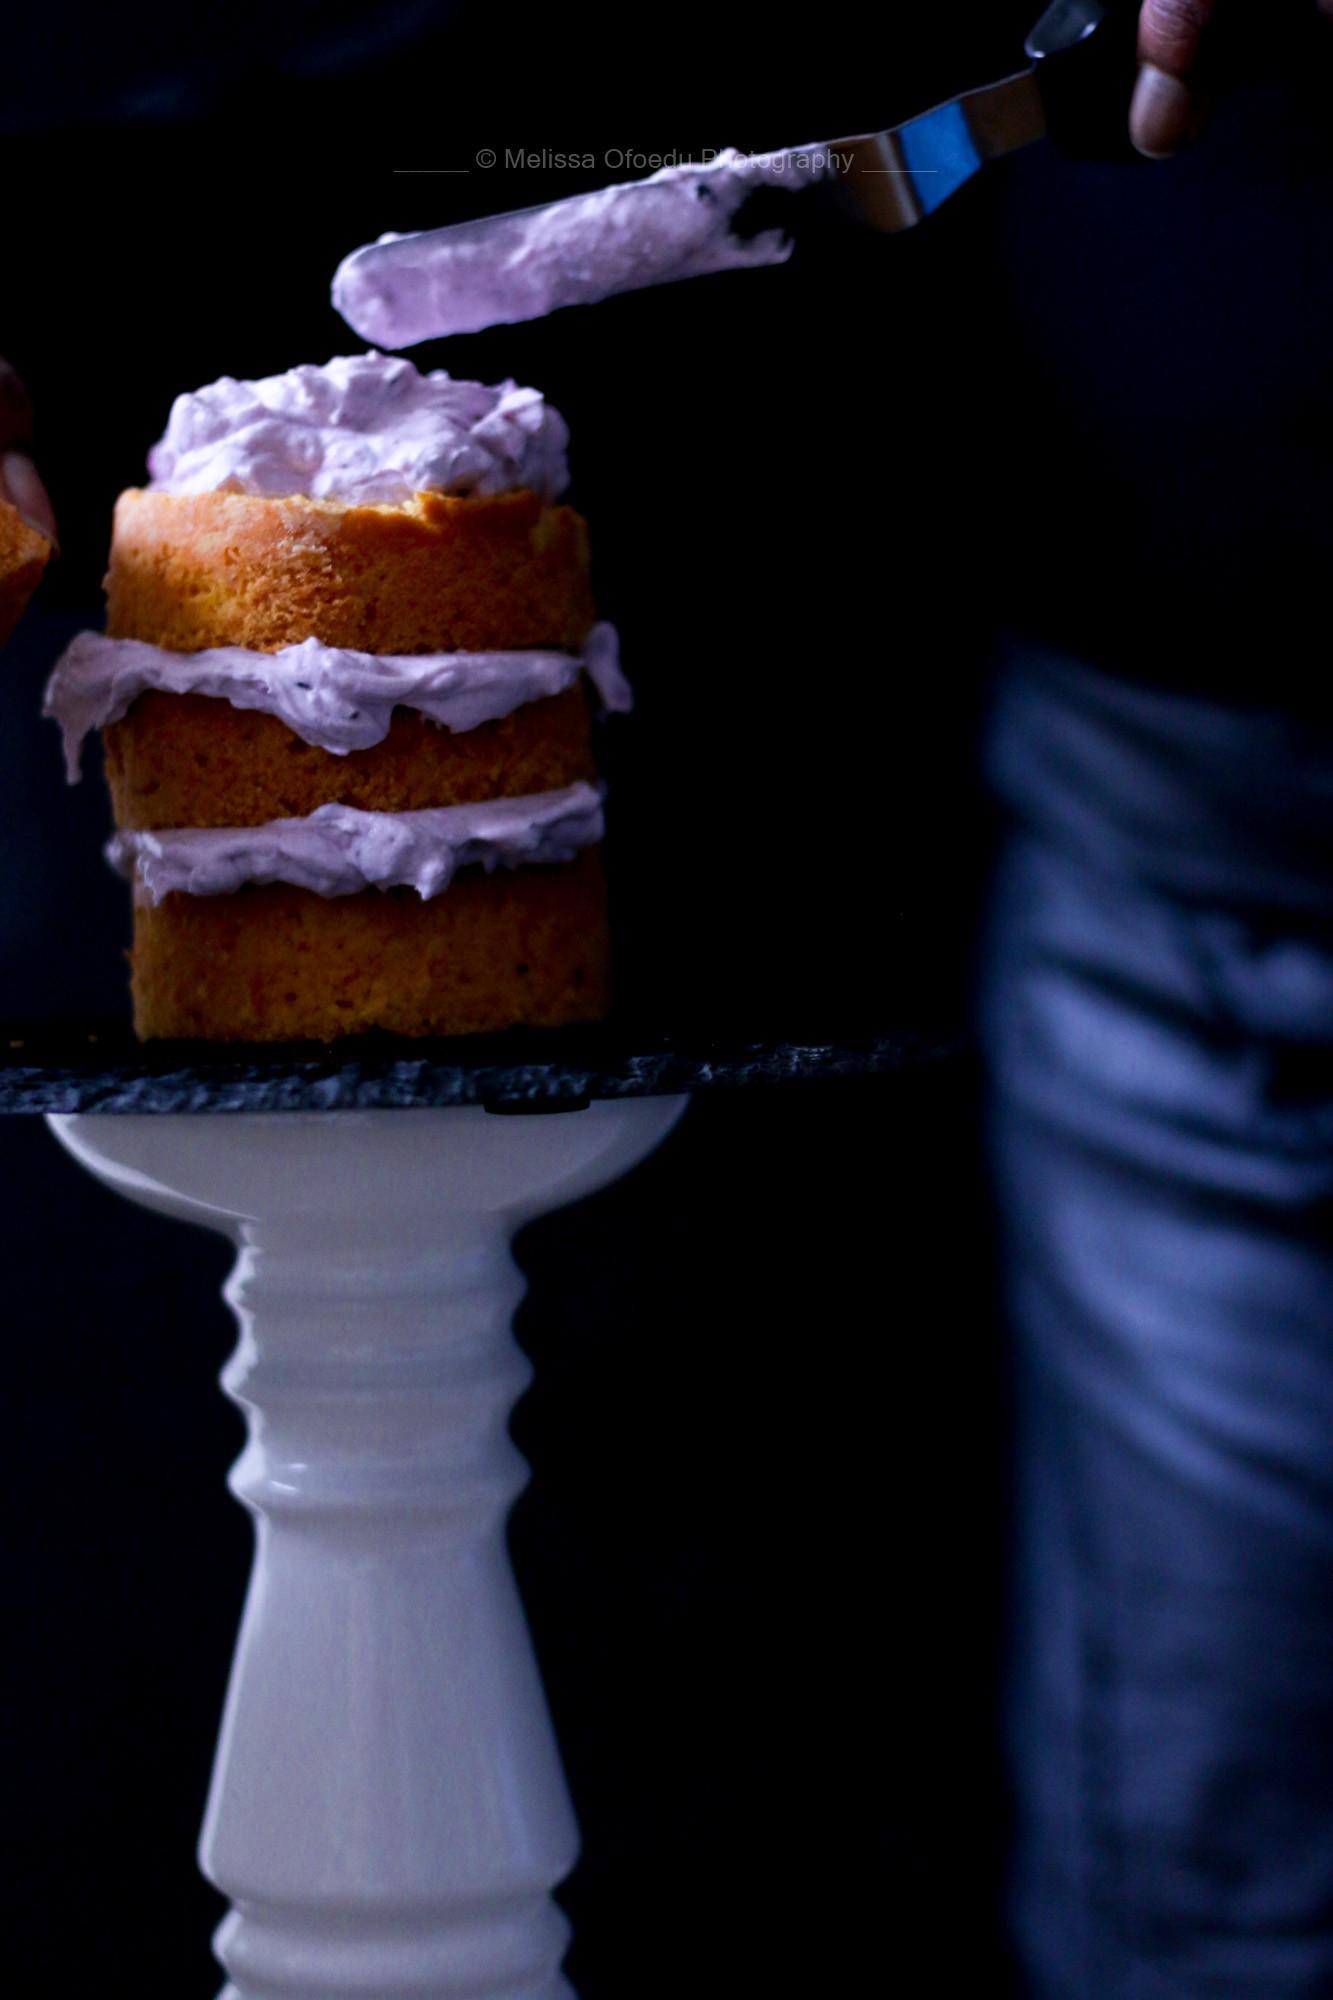 pumpkin-spice-cake-with-blackberrycream-melissa-ofoedu-photography-7-von-1